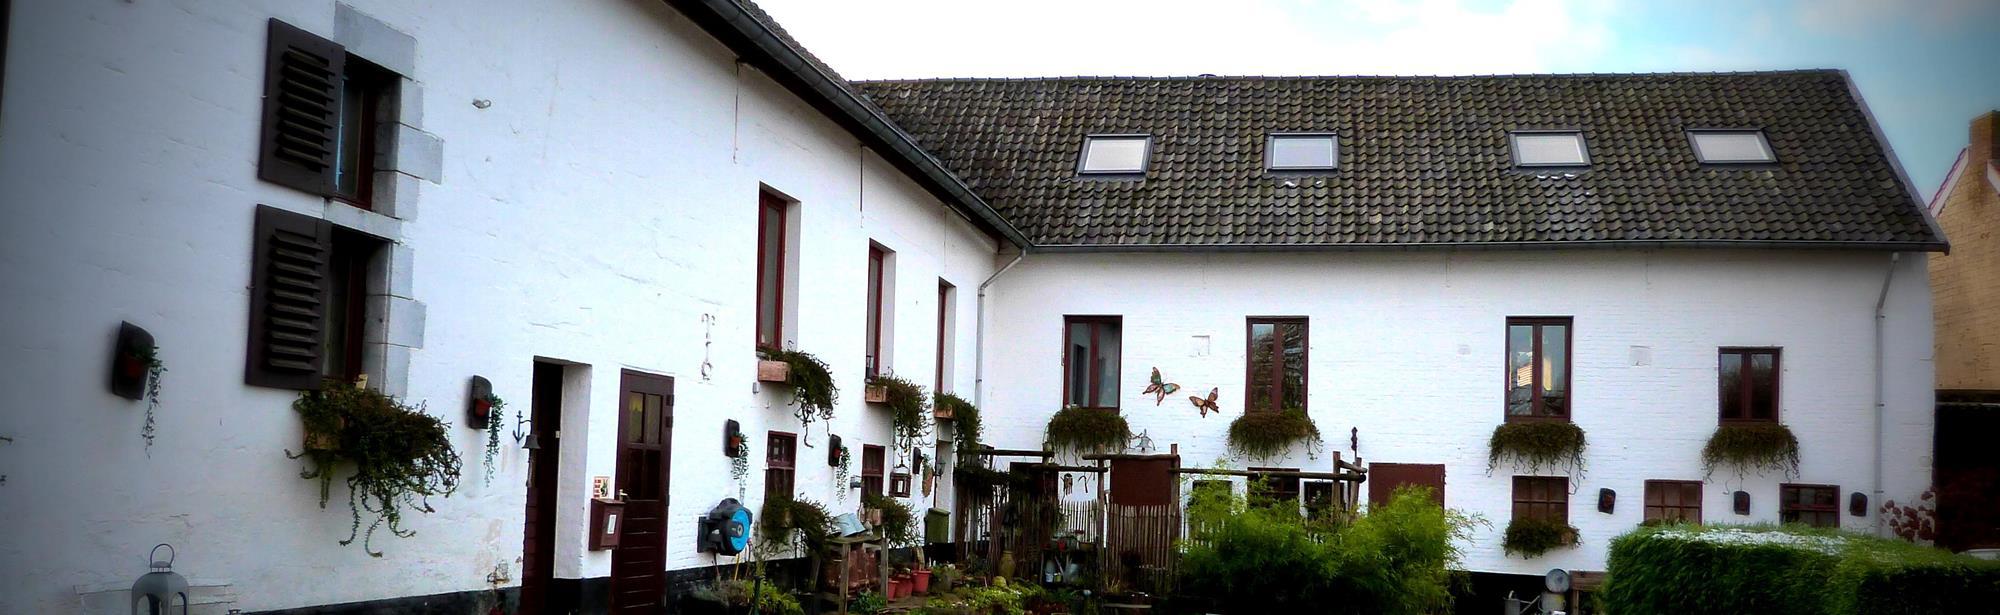 Hellinxhof